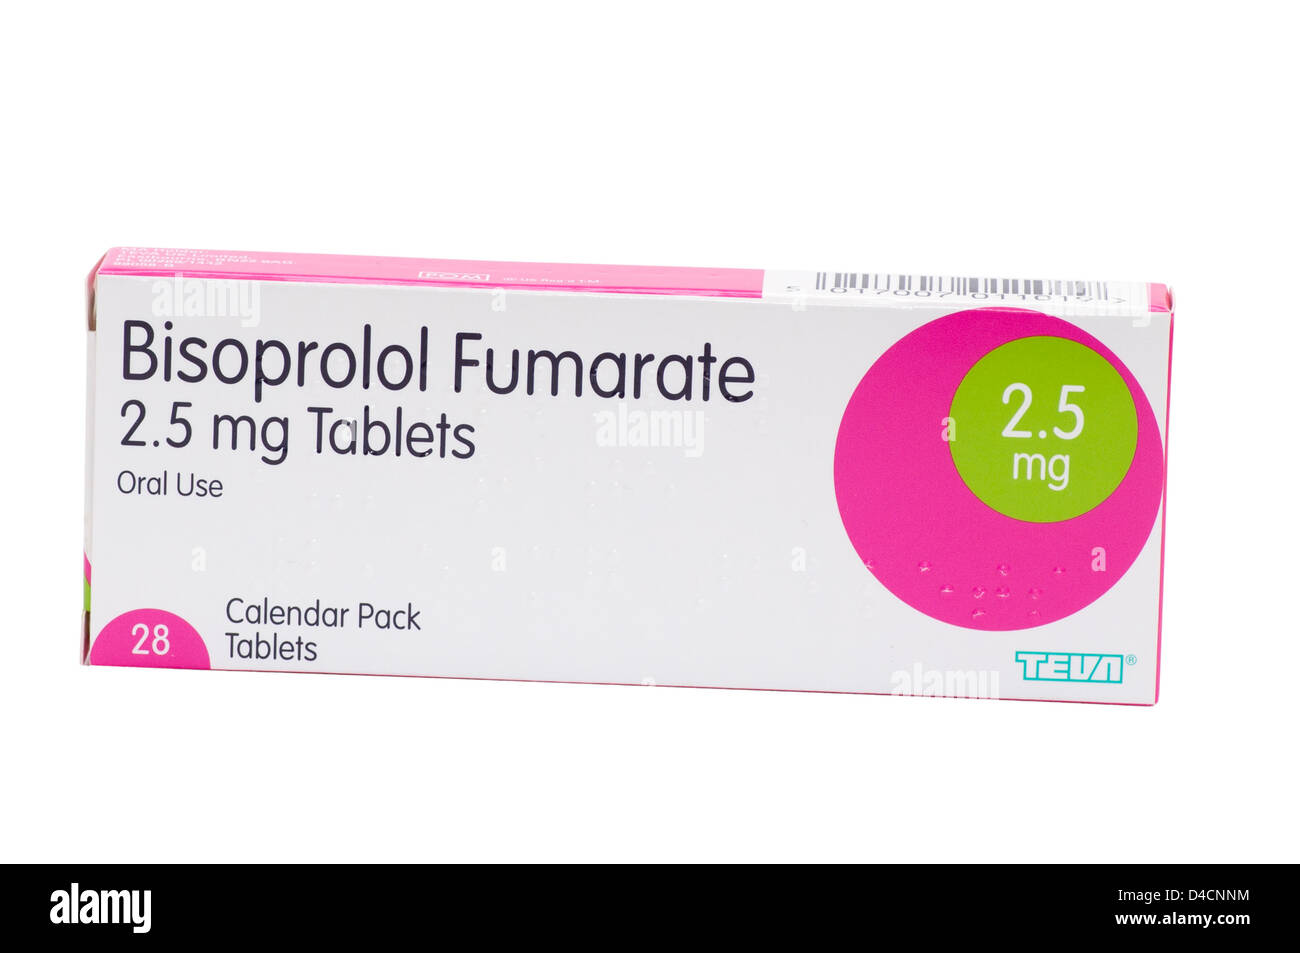 Bisoprolol Fumarate Half Life